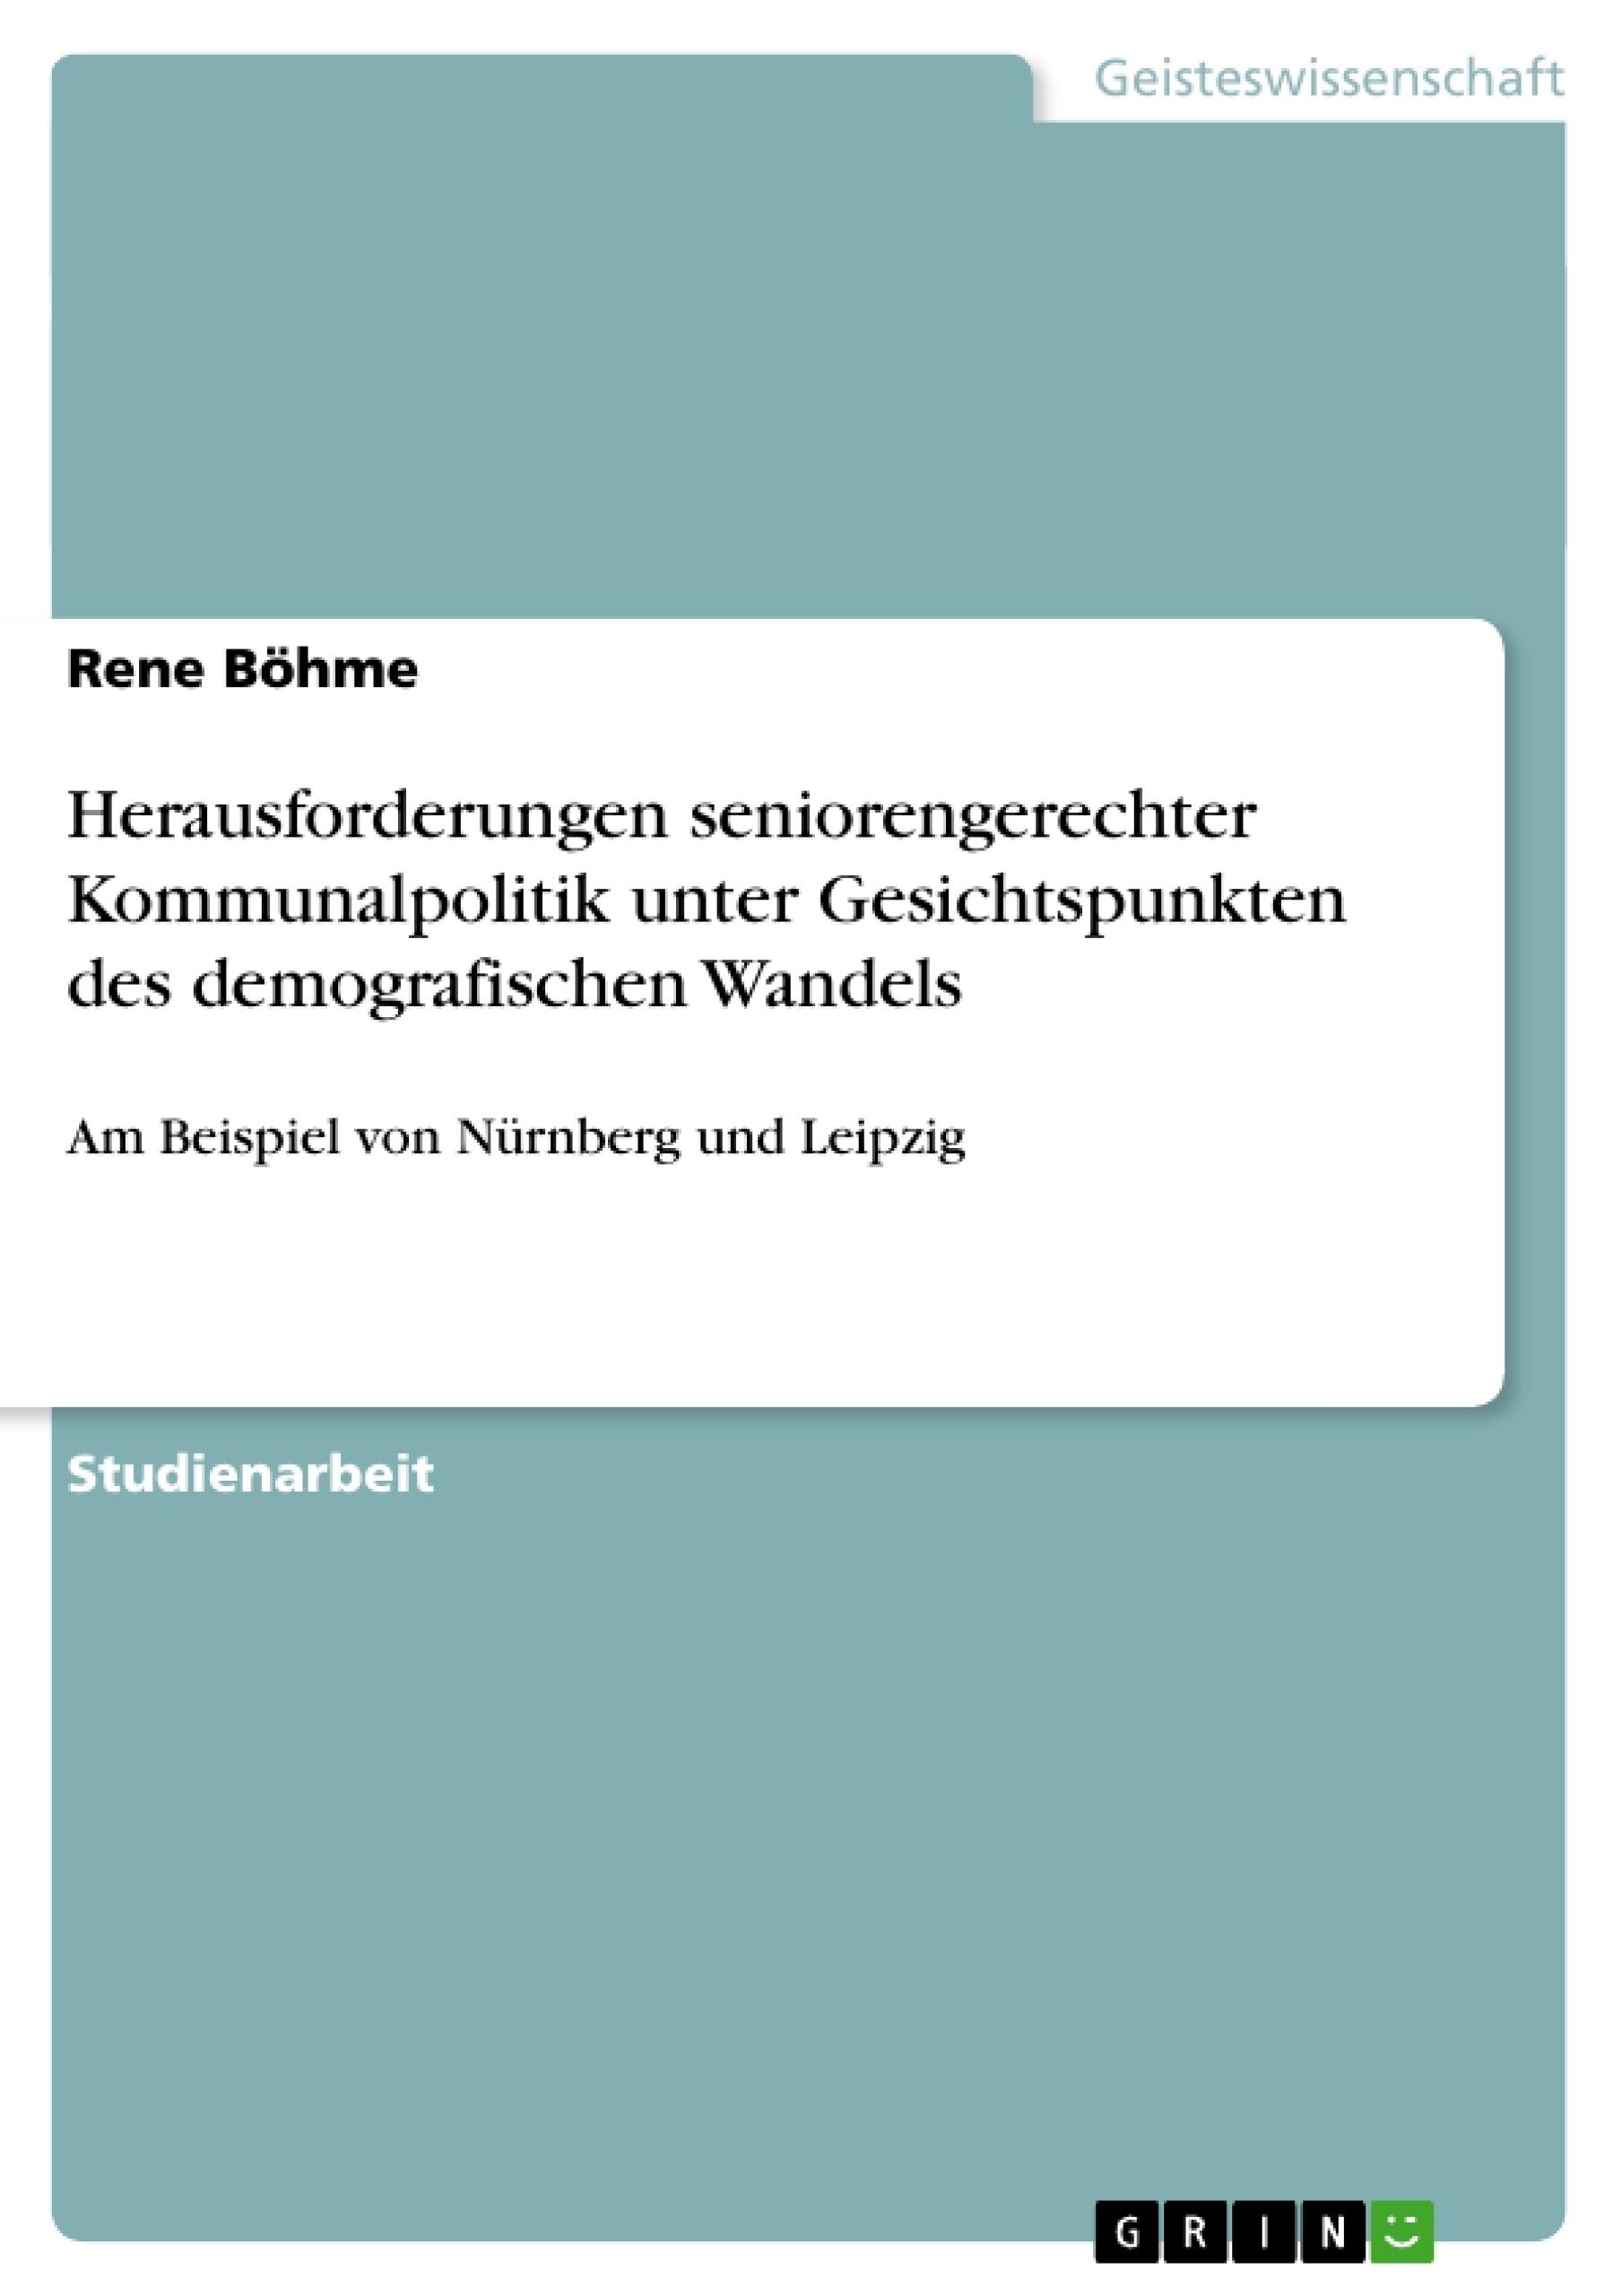 Titel: Herausforderungen seniorengerechter Kommunalpolitik unter Gesichtspunkten des demografischen Wandels